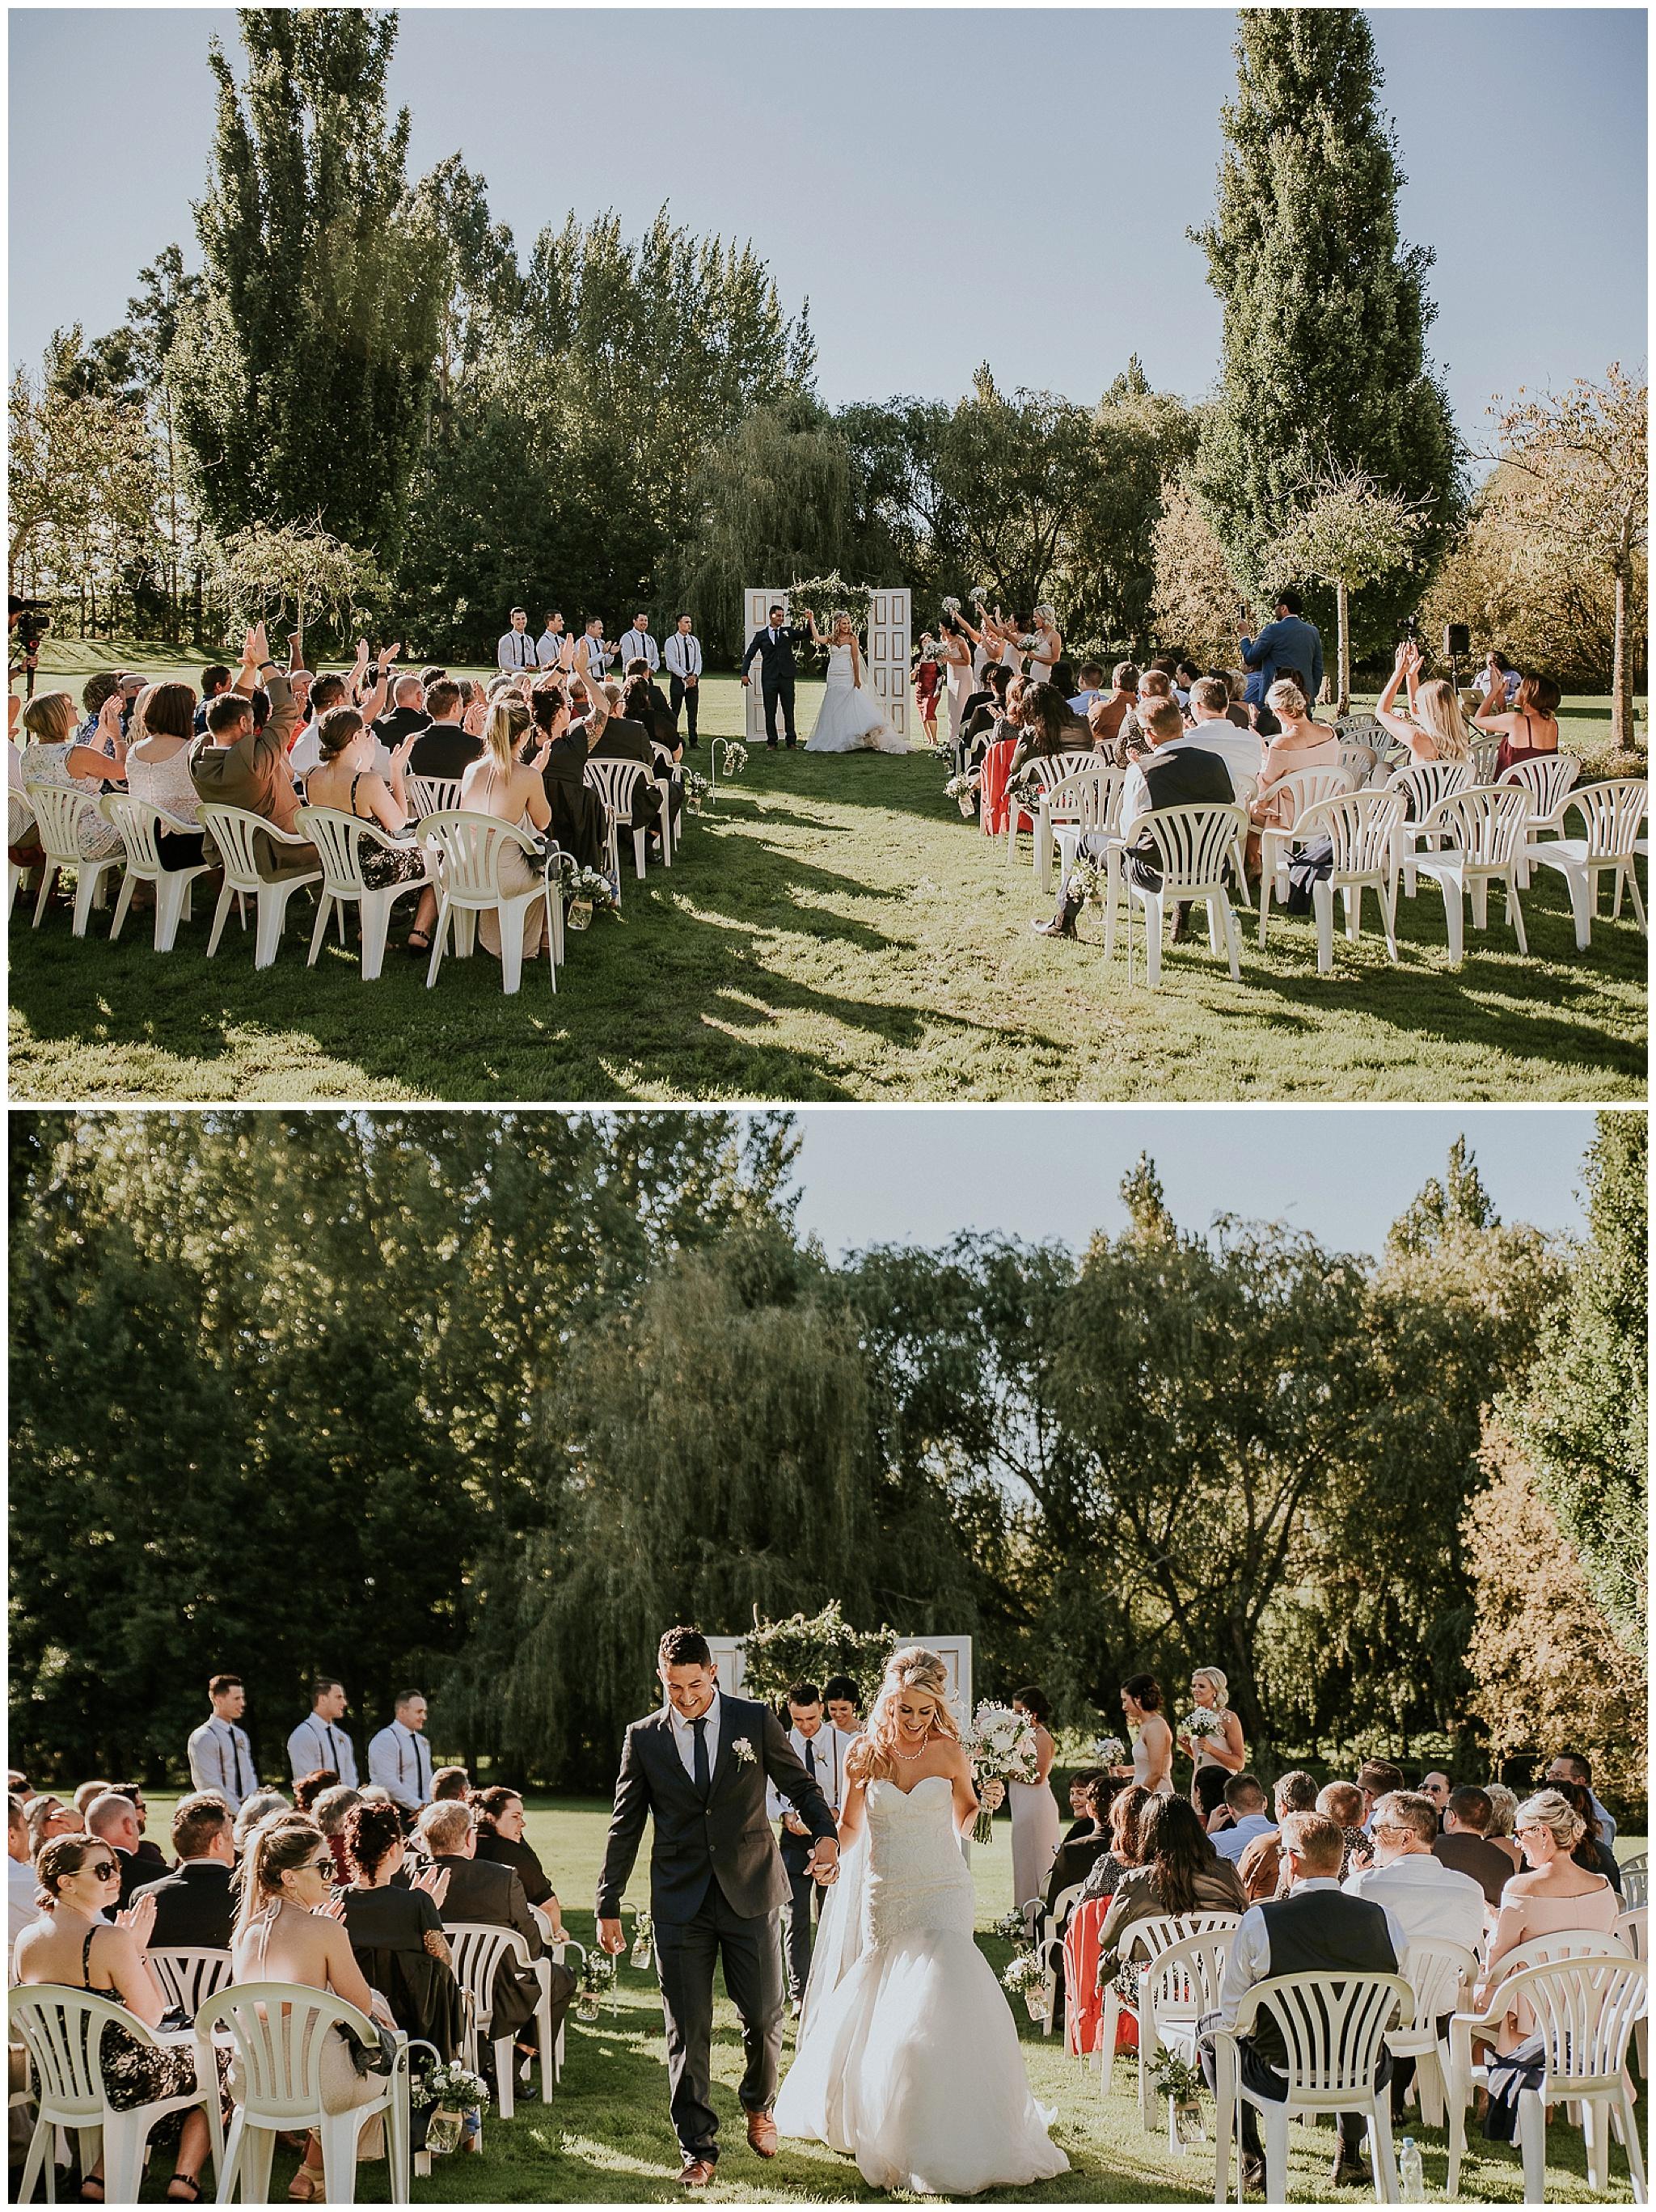 chad-jakalah-christchurch-garden-summer-elegant-auckland-wedding-photographer_0032.jpg